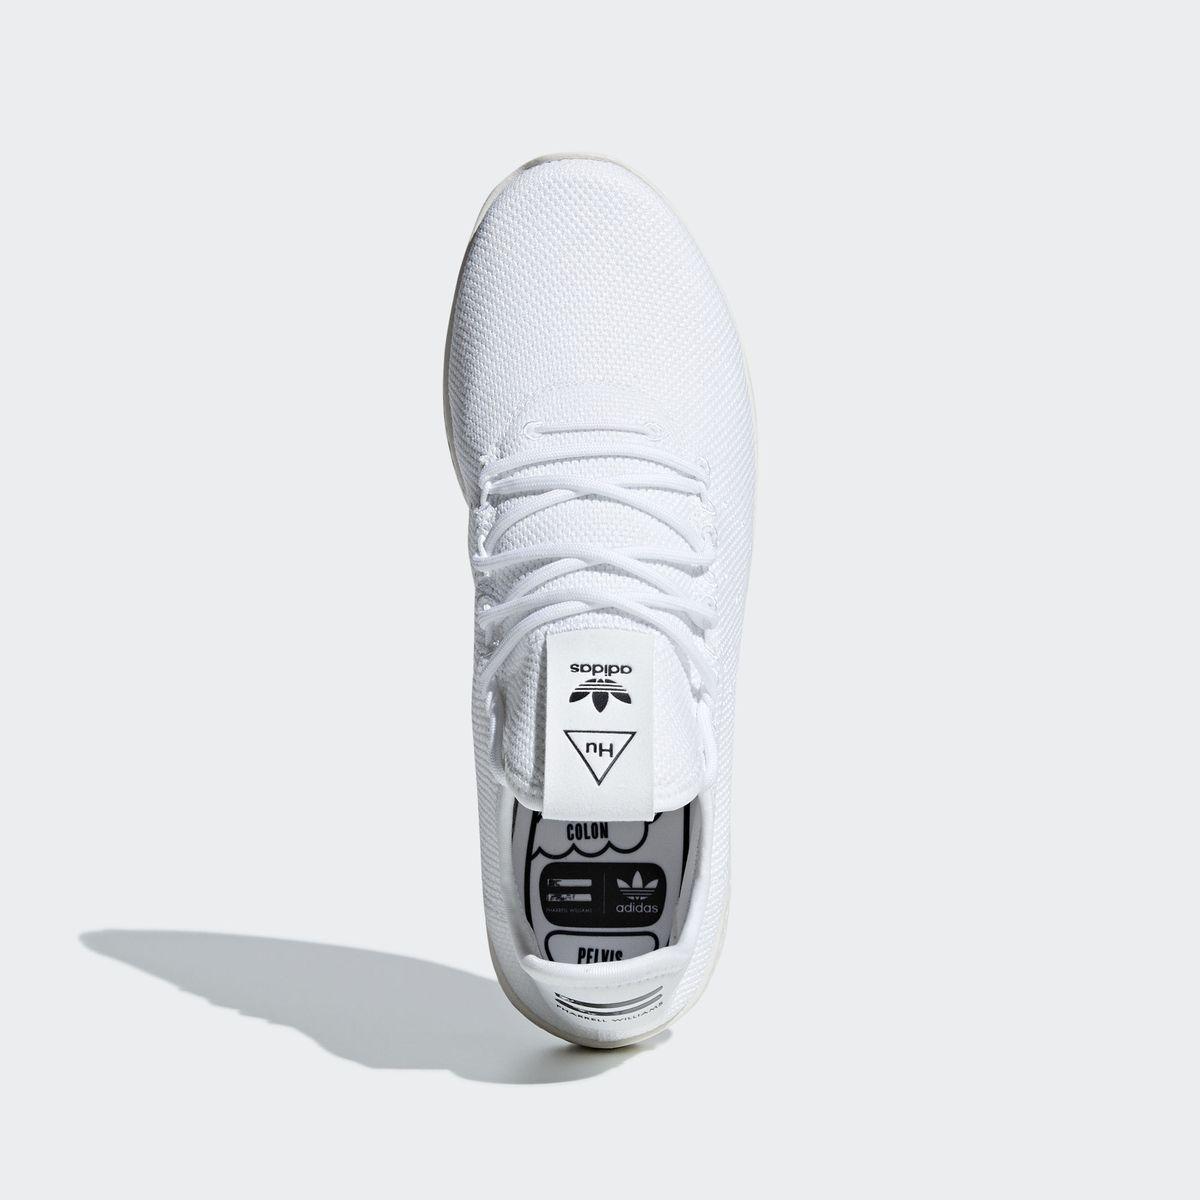 Chaussures de tennis femme Taille 44 | Tous les articles